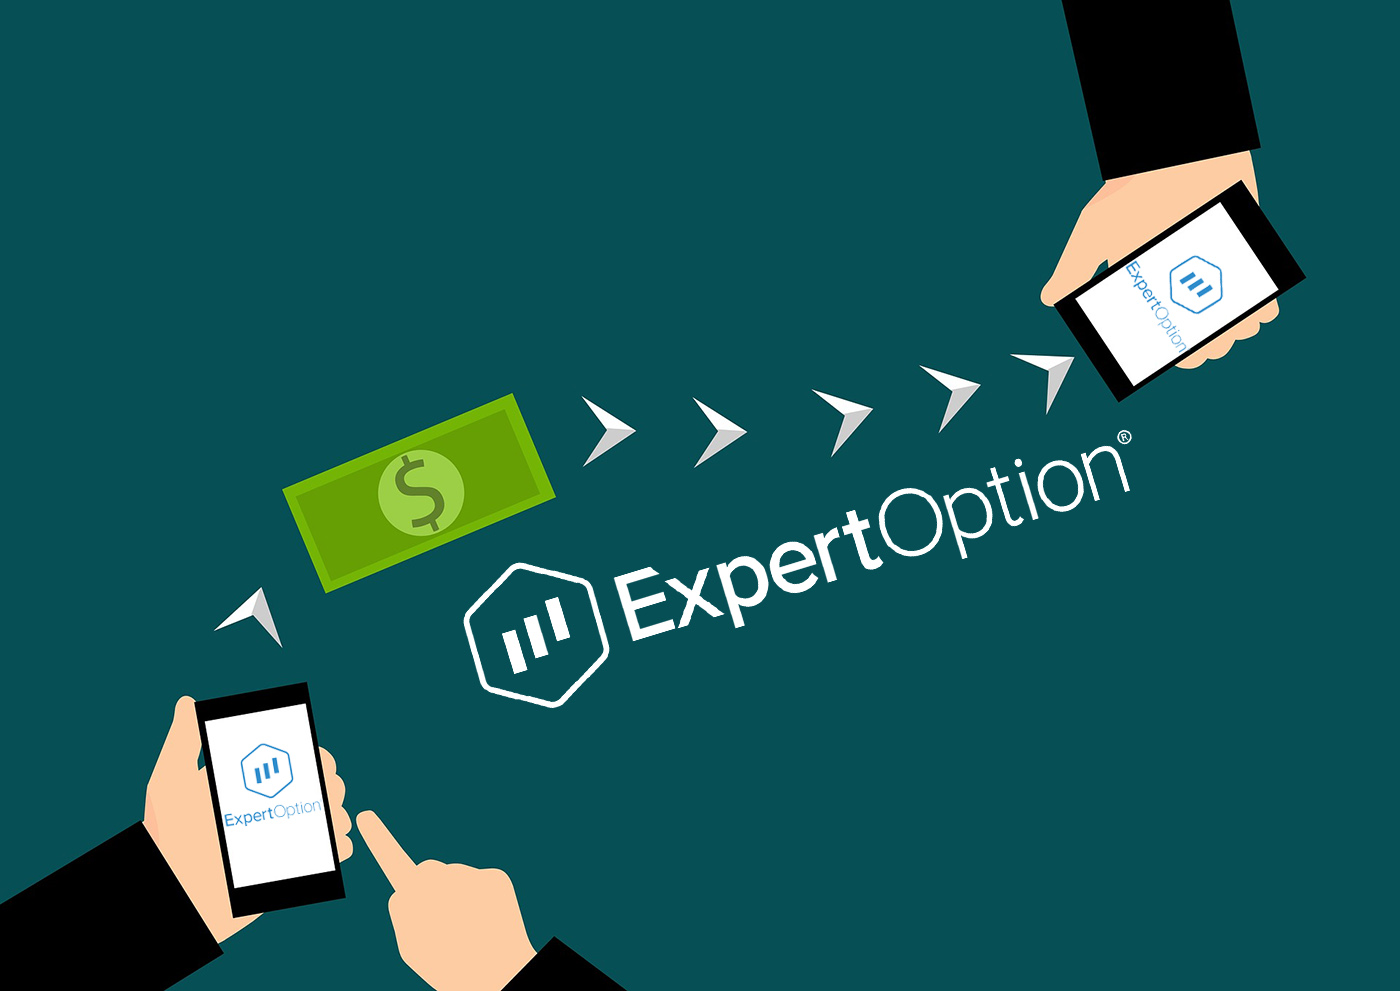 ExpertOption से पैसे कैसे निकालें